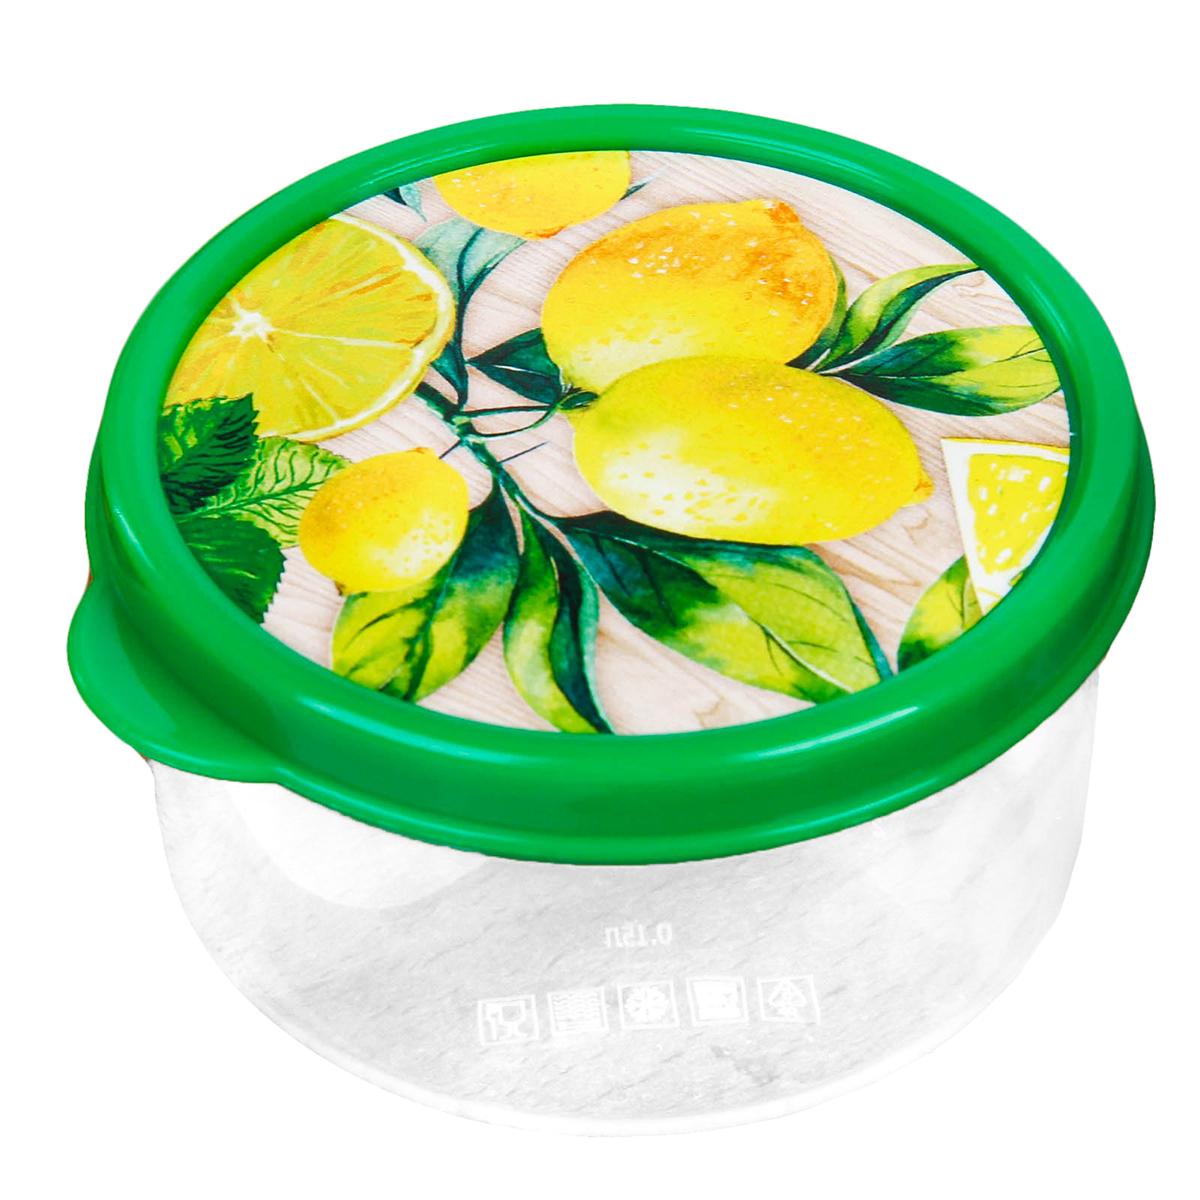 """Ланч-бокс """"Лимоны"""" изготовлен из качественного пищевого пластика. Он снабжен плотно закрывающейся крышкой, а это значит, что вы сможете брать на работу, в дорогу или на пикник разнообразную, а самое главное - вкусную и полезную пищу! Оригинальный рисунок на крышке поднимет настроение хозяину и окружающим.  Контейнер прост и удобен в обращении: его можно хранить в холодильнике, разогревать в микроволновой печи, мыть в посудомоечной машине."""